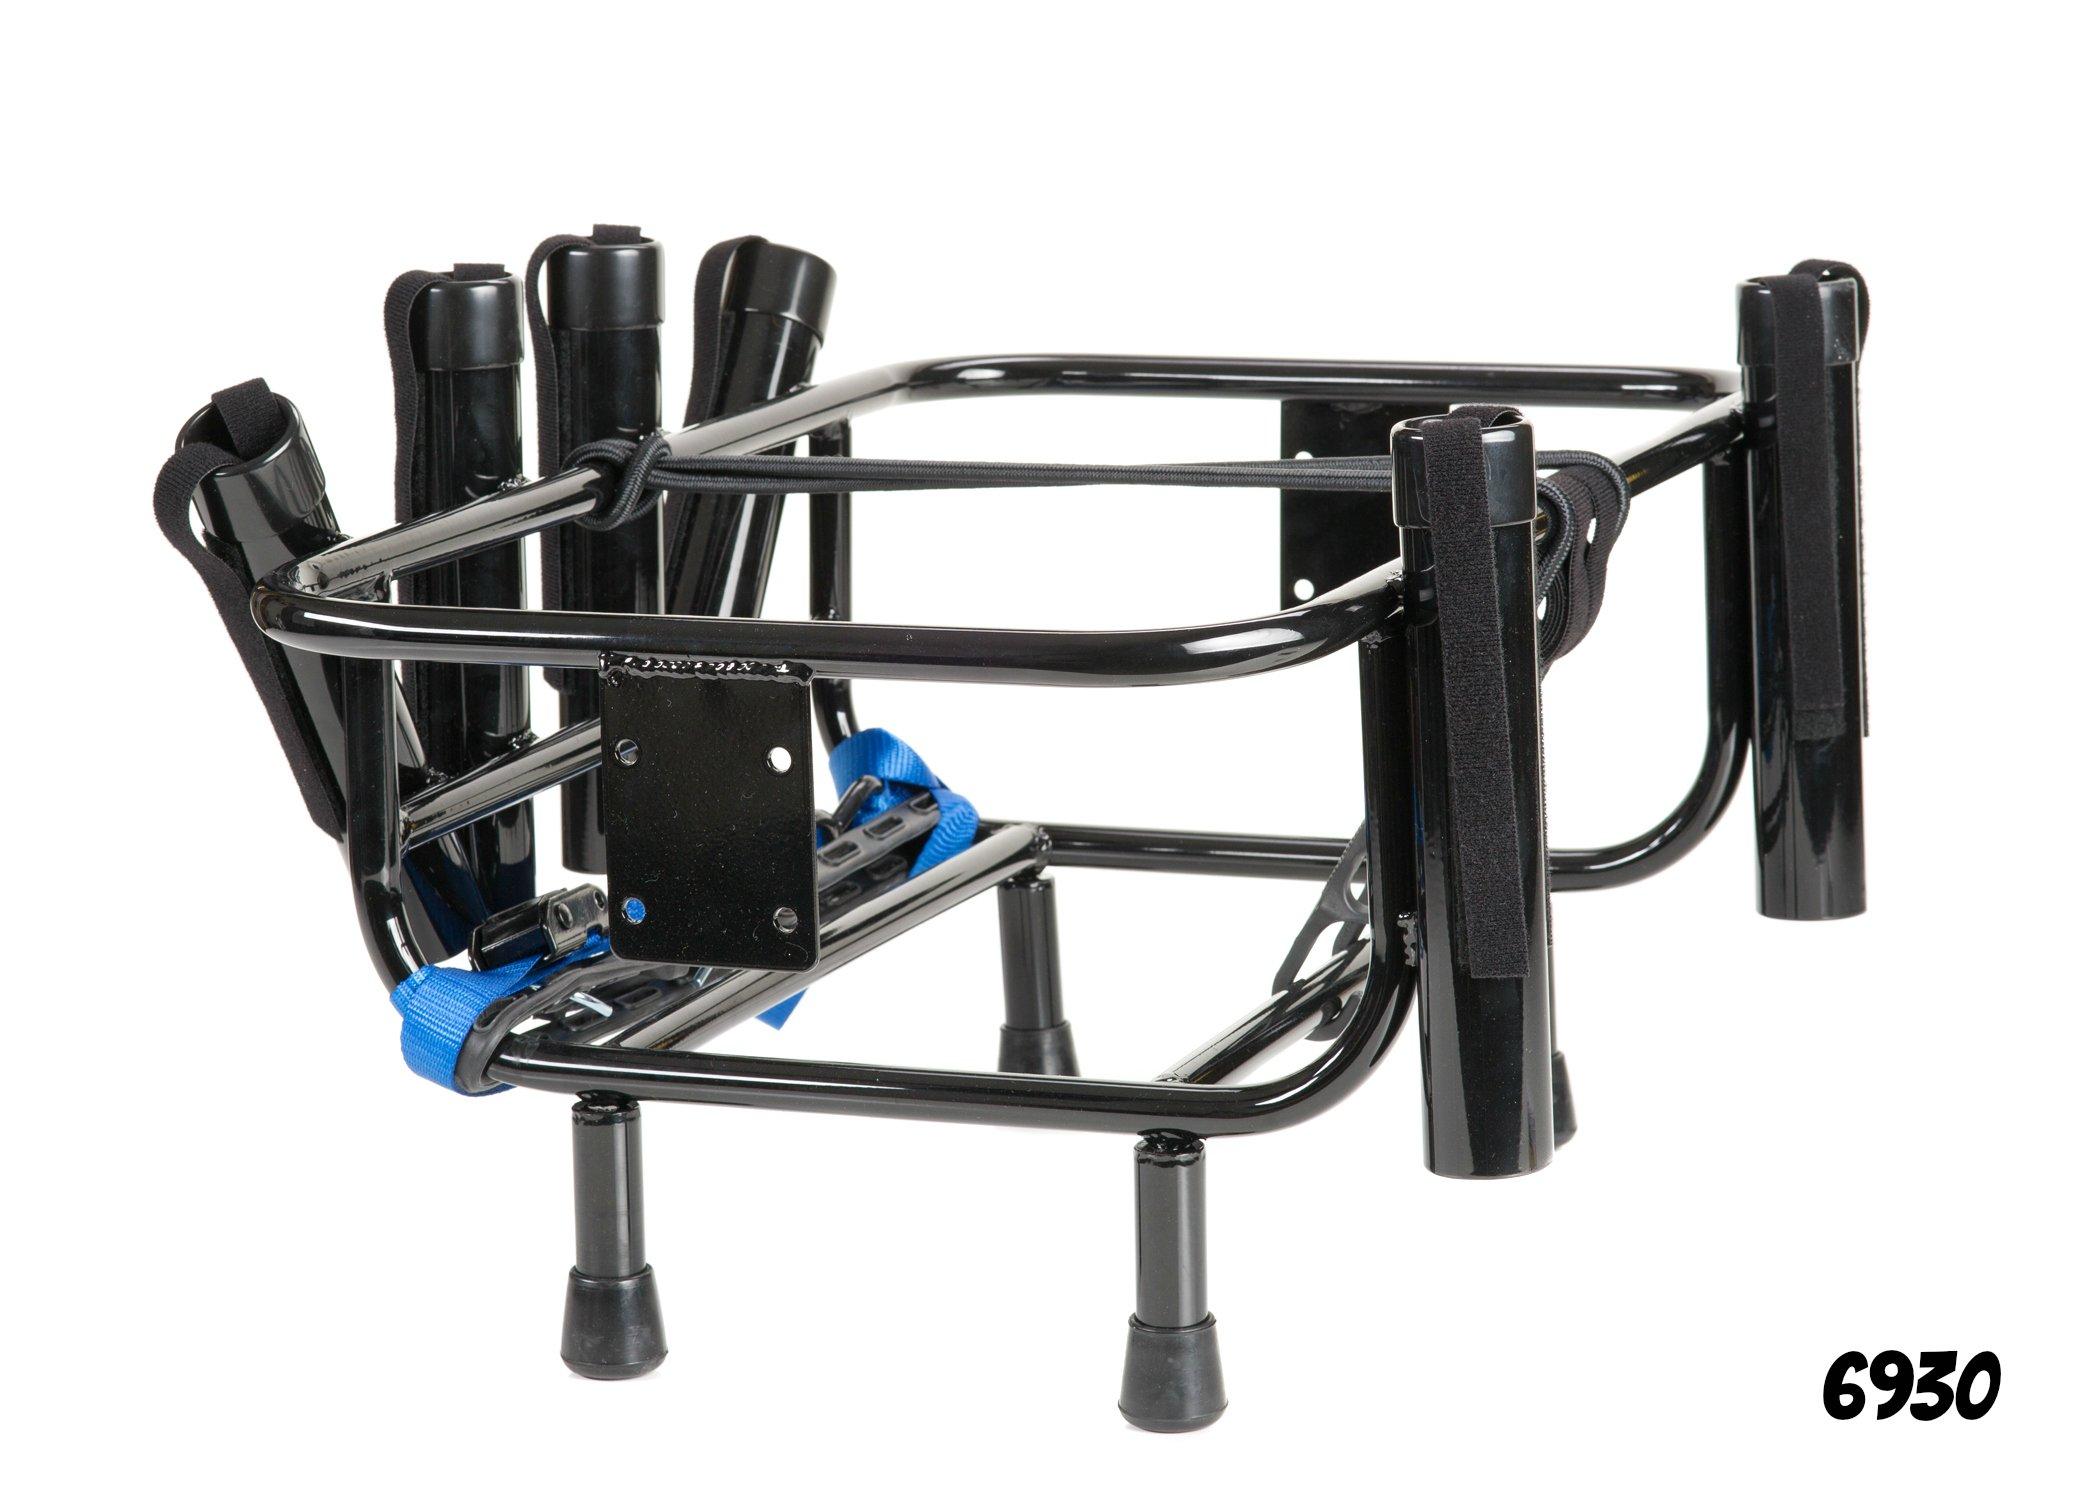 Jetski Fishing Rod & Cooler Rack Combo